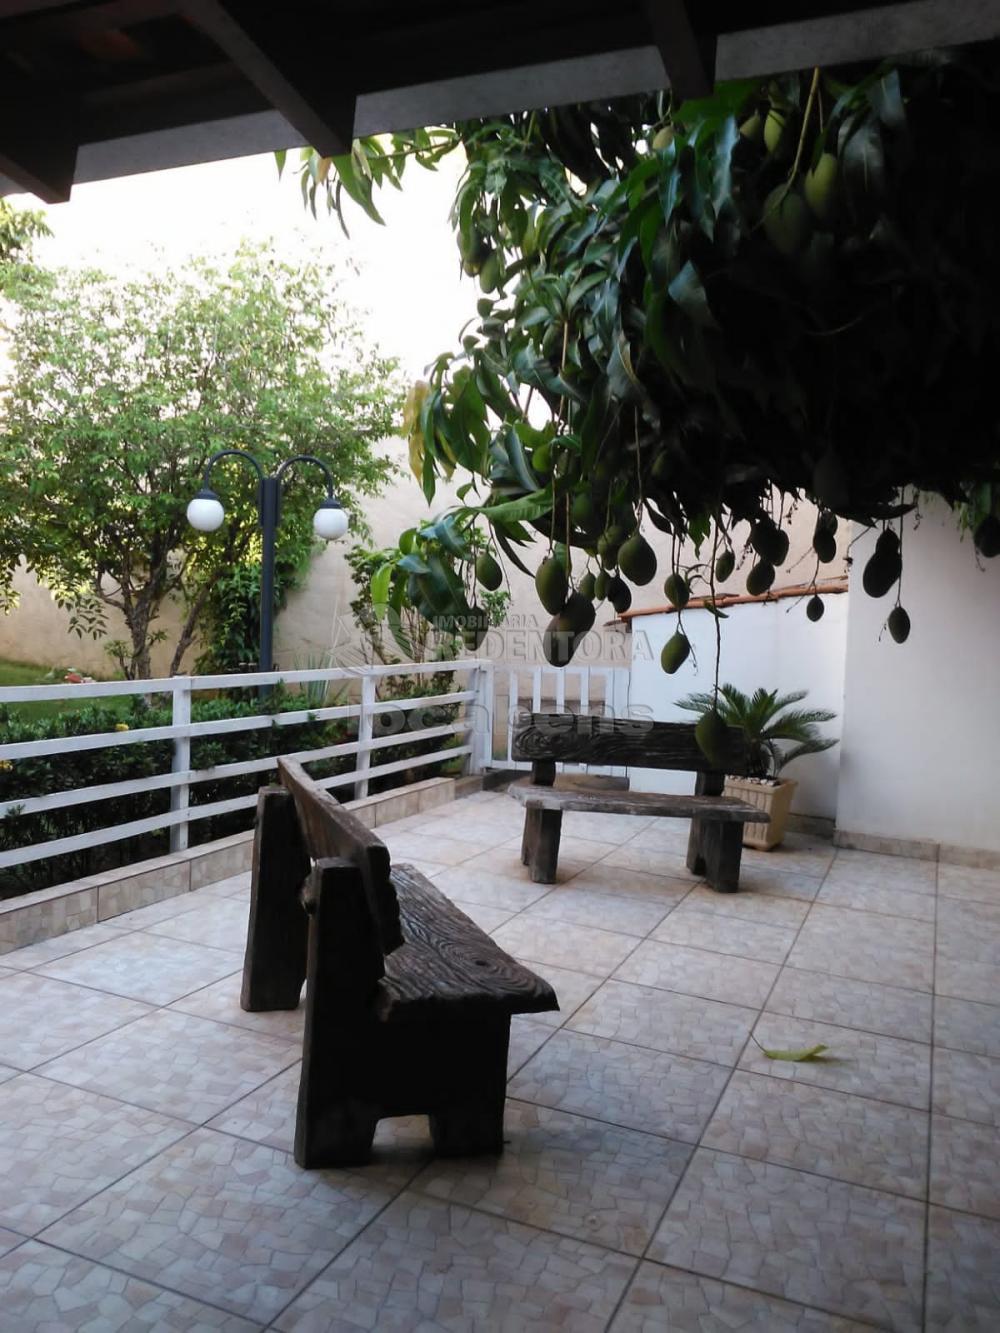 Comprar Casa / Padrão em São José do Rio Preto R$ 500.000,00 - Foto 19